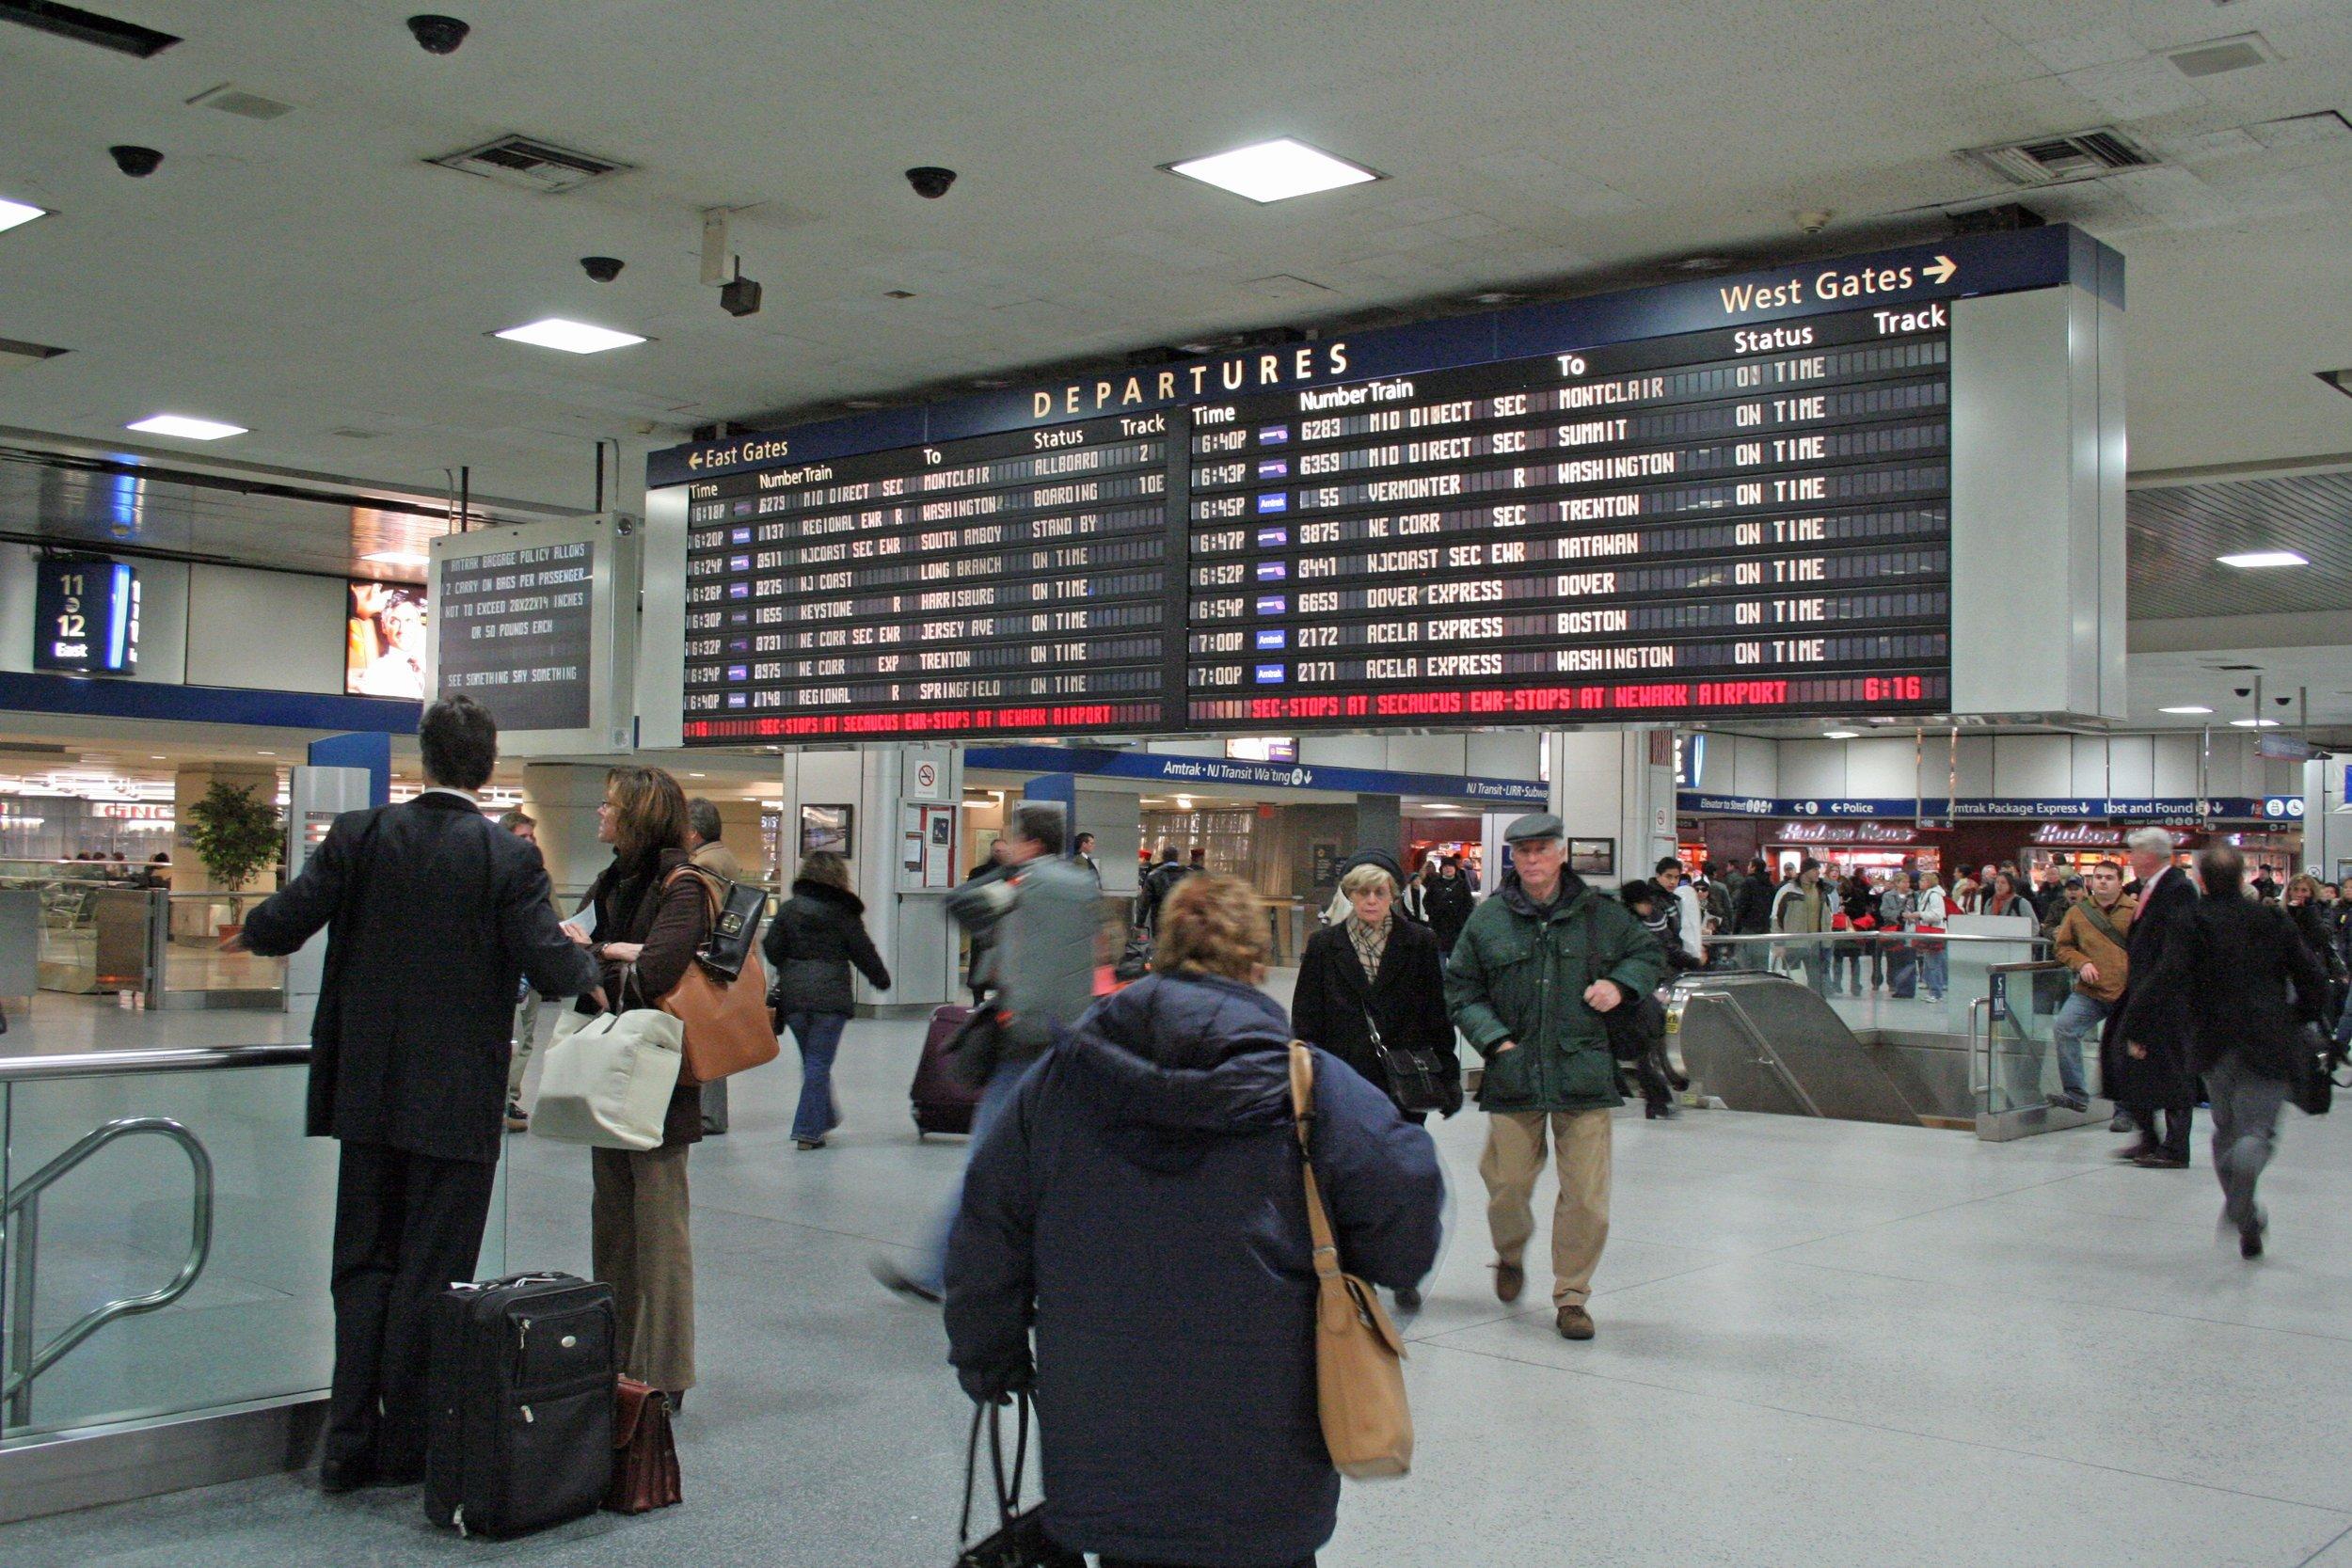 Penn_Station_departure_board.jpg